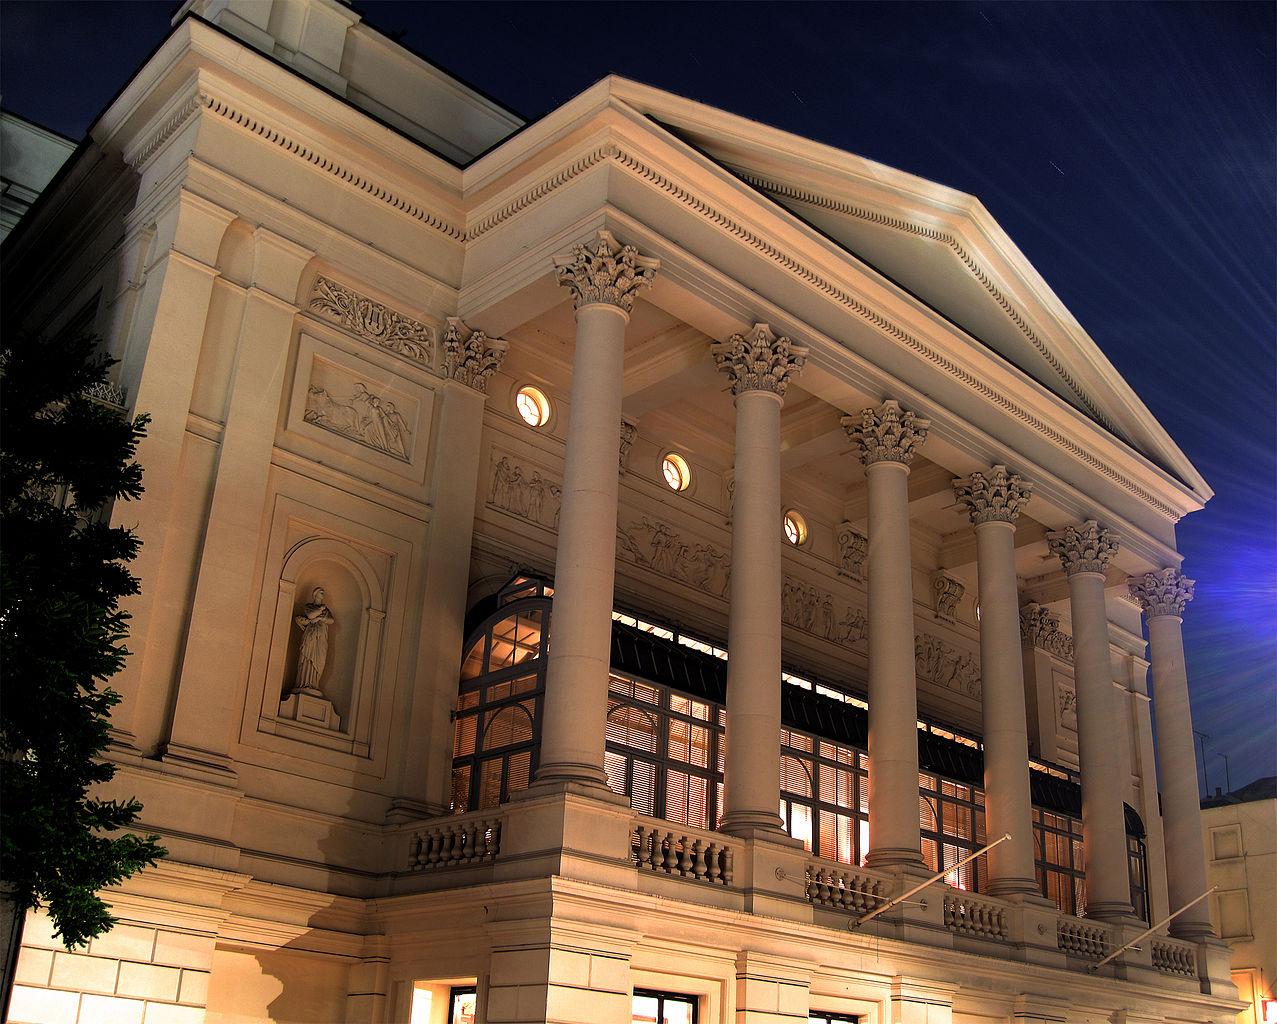 Ковент-гарден, Королевская опера